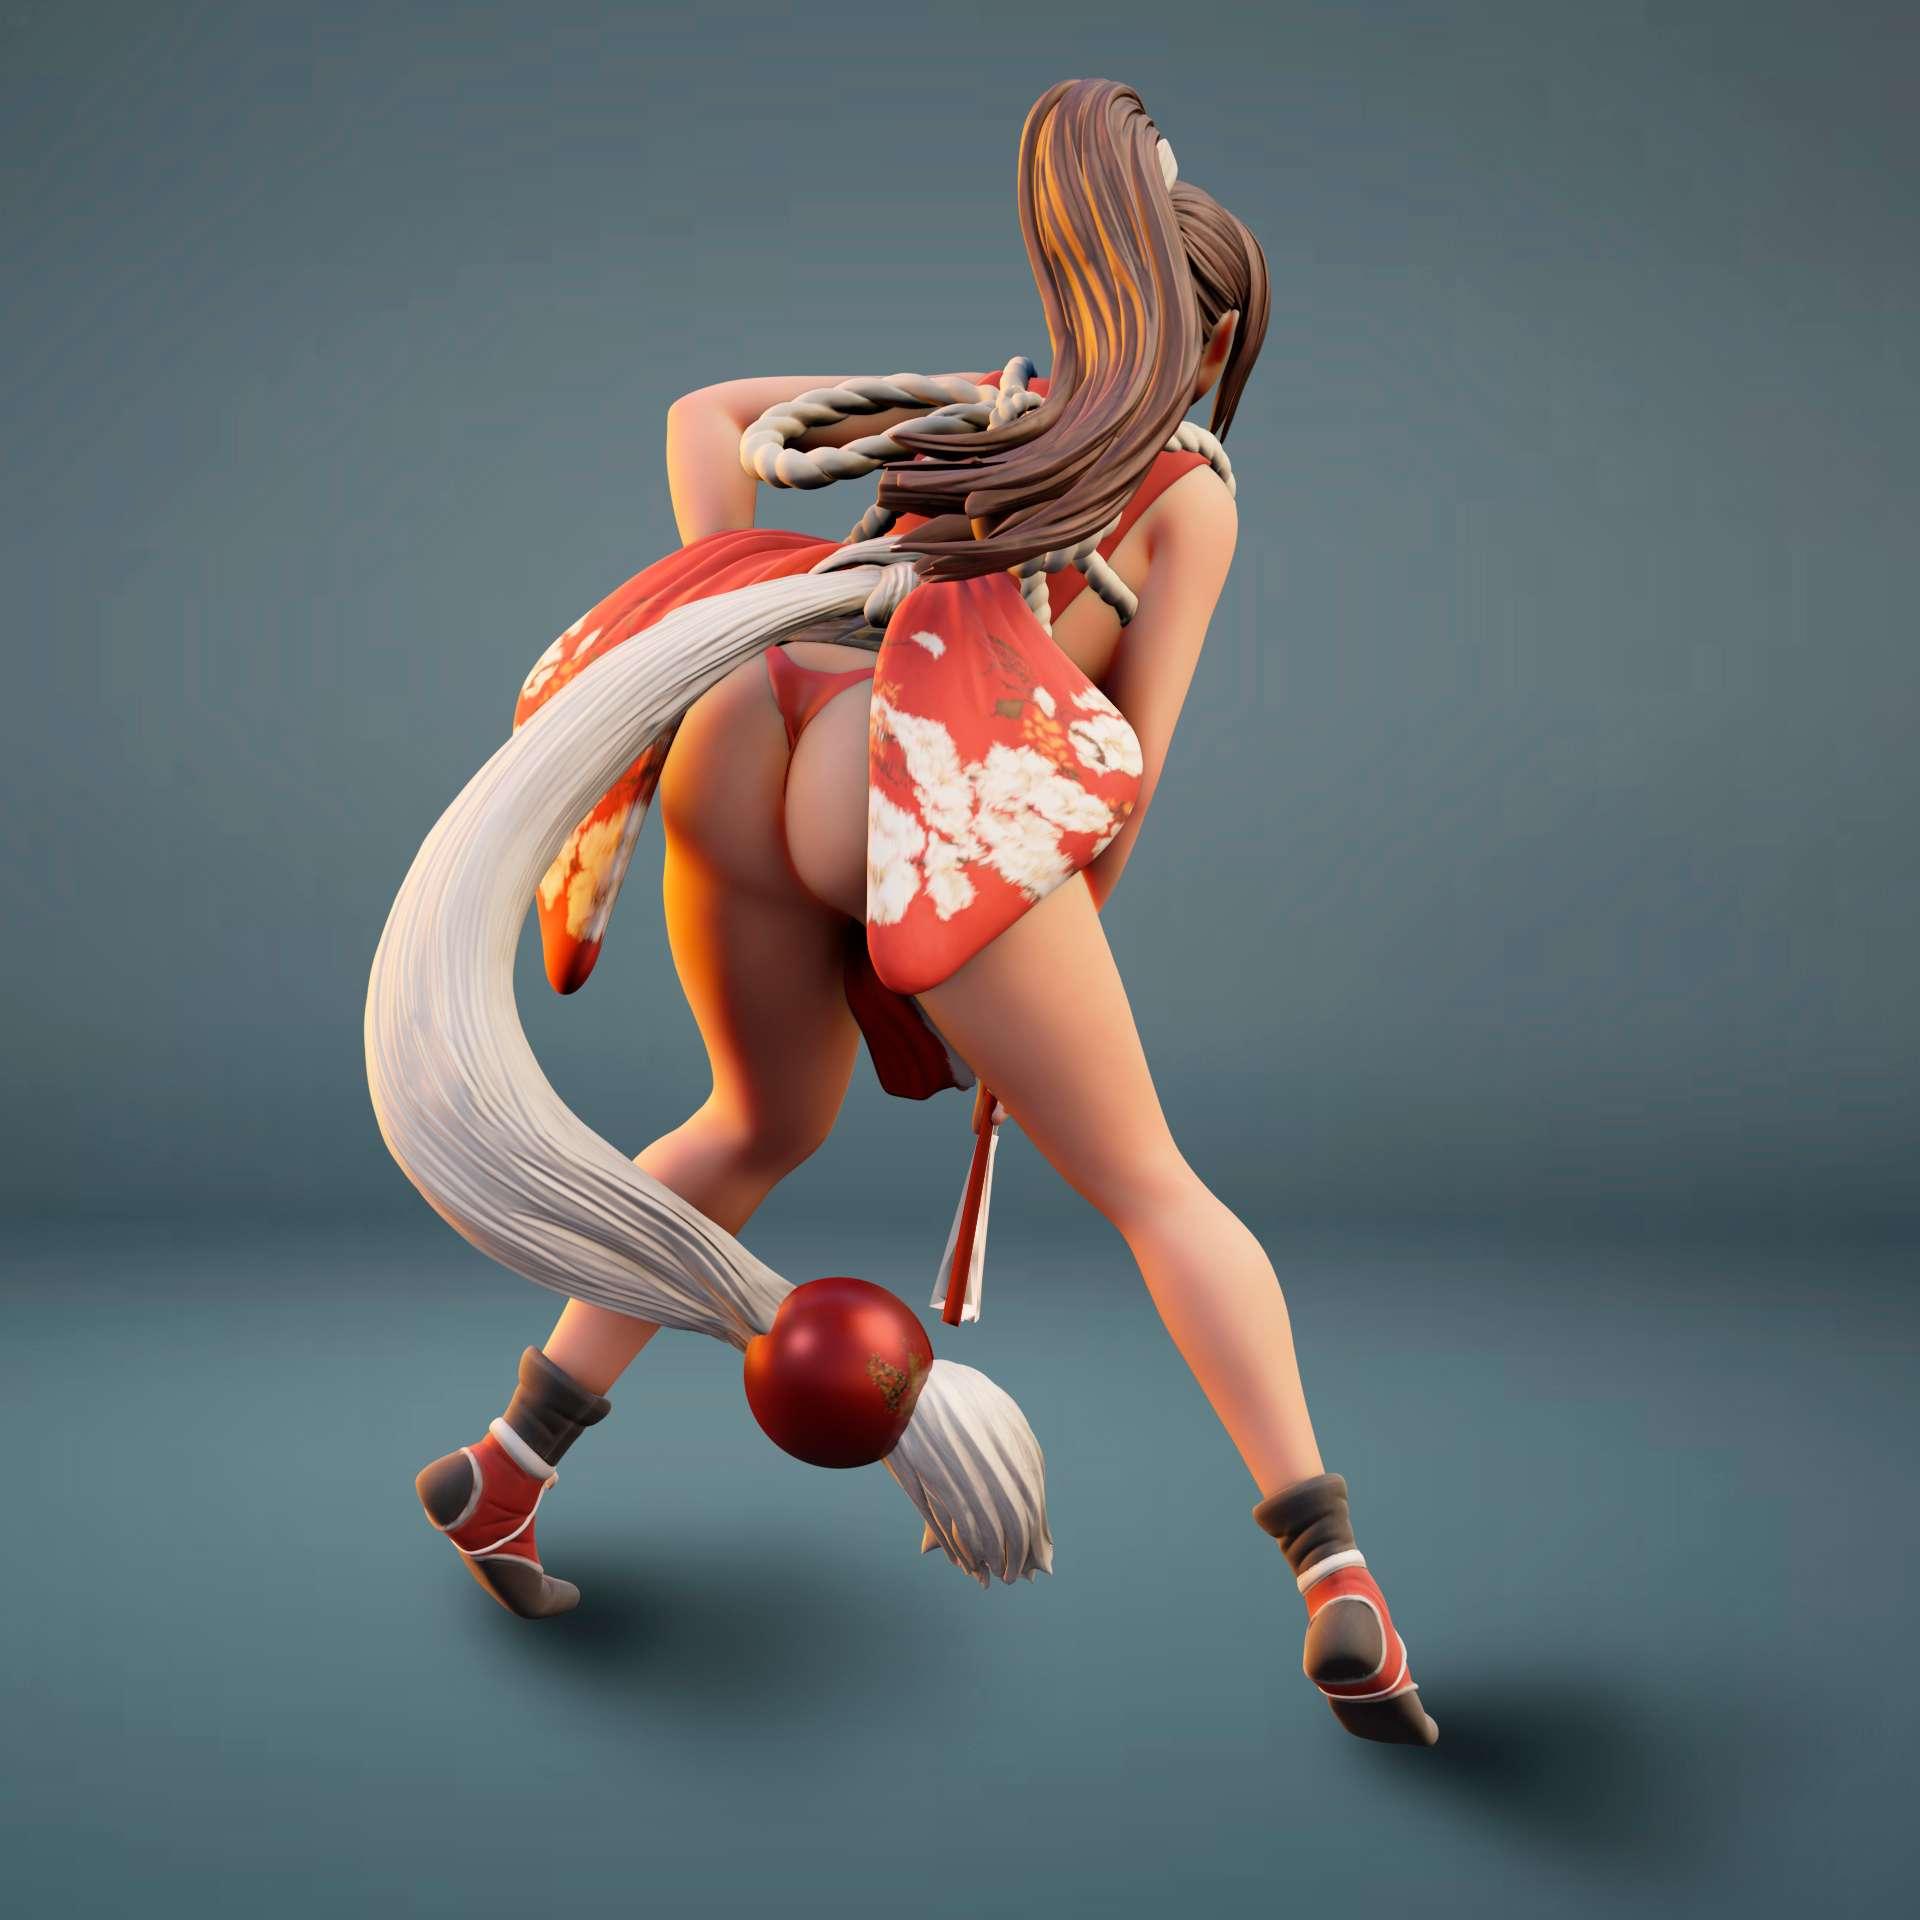 Mai_Shuranui - Mai Shiranui is a player character in the fighting game series Fatal Fury and The King of Fighters  - Os melhores arquivos para impressão 3D do mundo. Modelos stl divididos em partes para facilitar a impressão 3D. Todos os tipos de personagens, decoração, cosplay, próteses, peças. Qualidade na impressão 3D. Modelos 3D com preço acessível. Baixo custo. Compras coletivas de arquivos 3D.